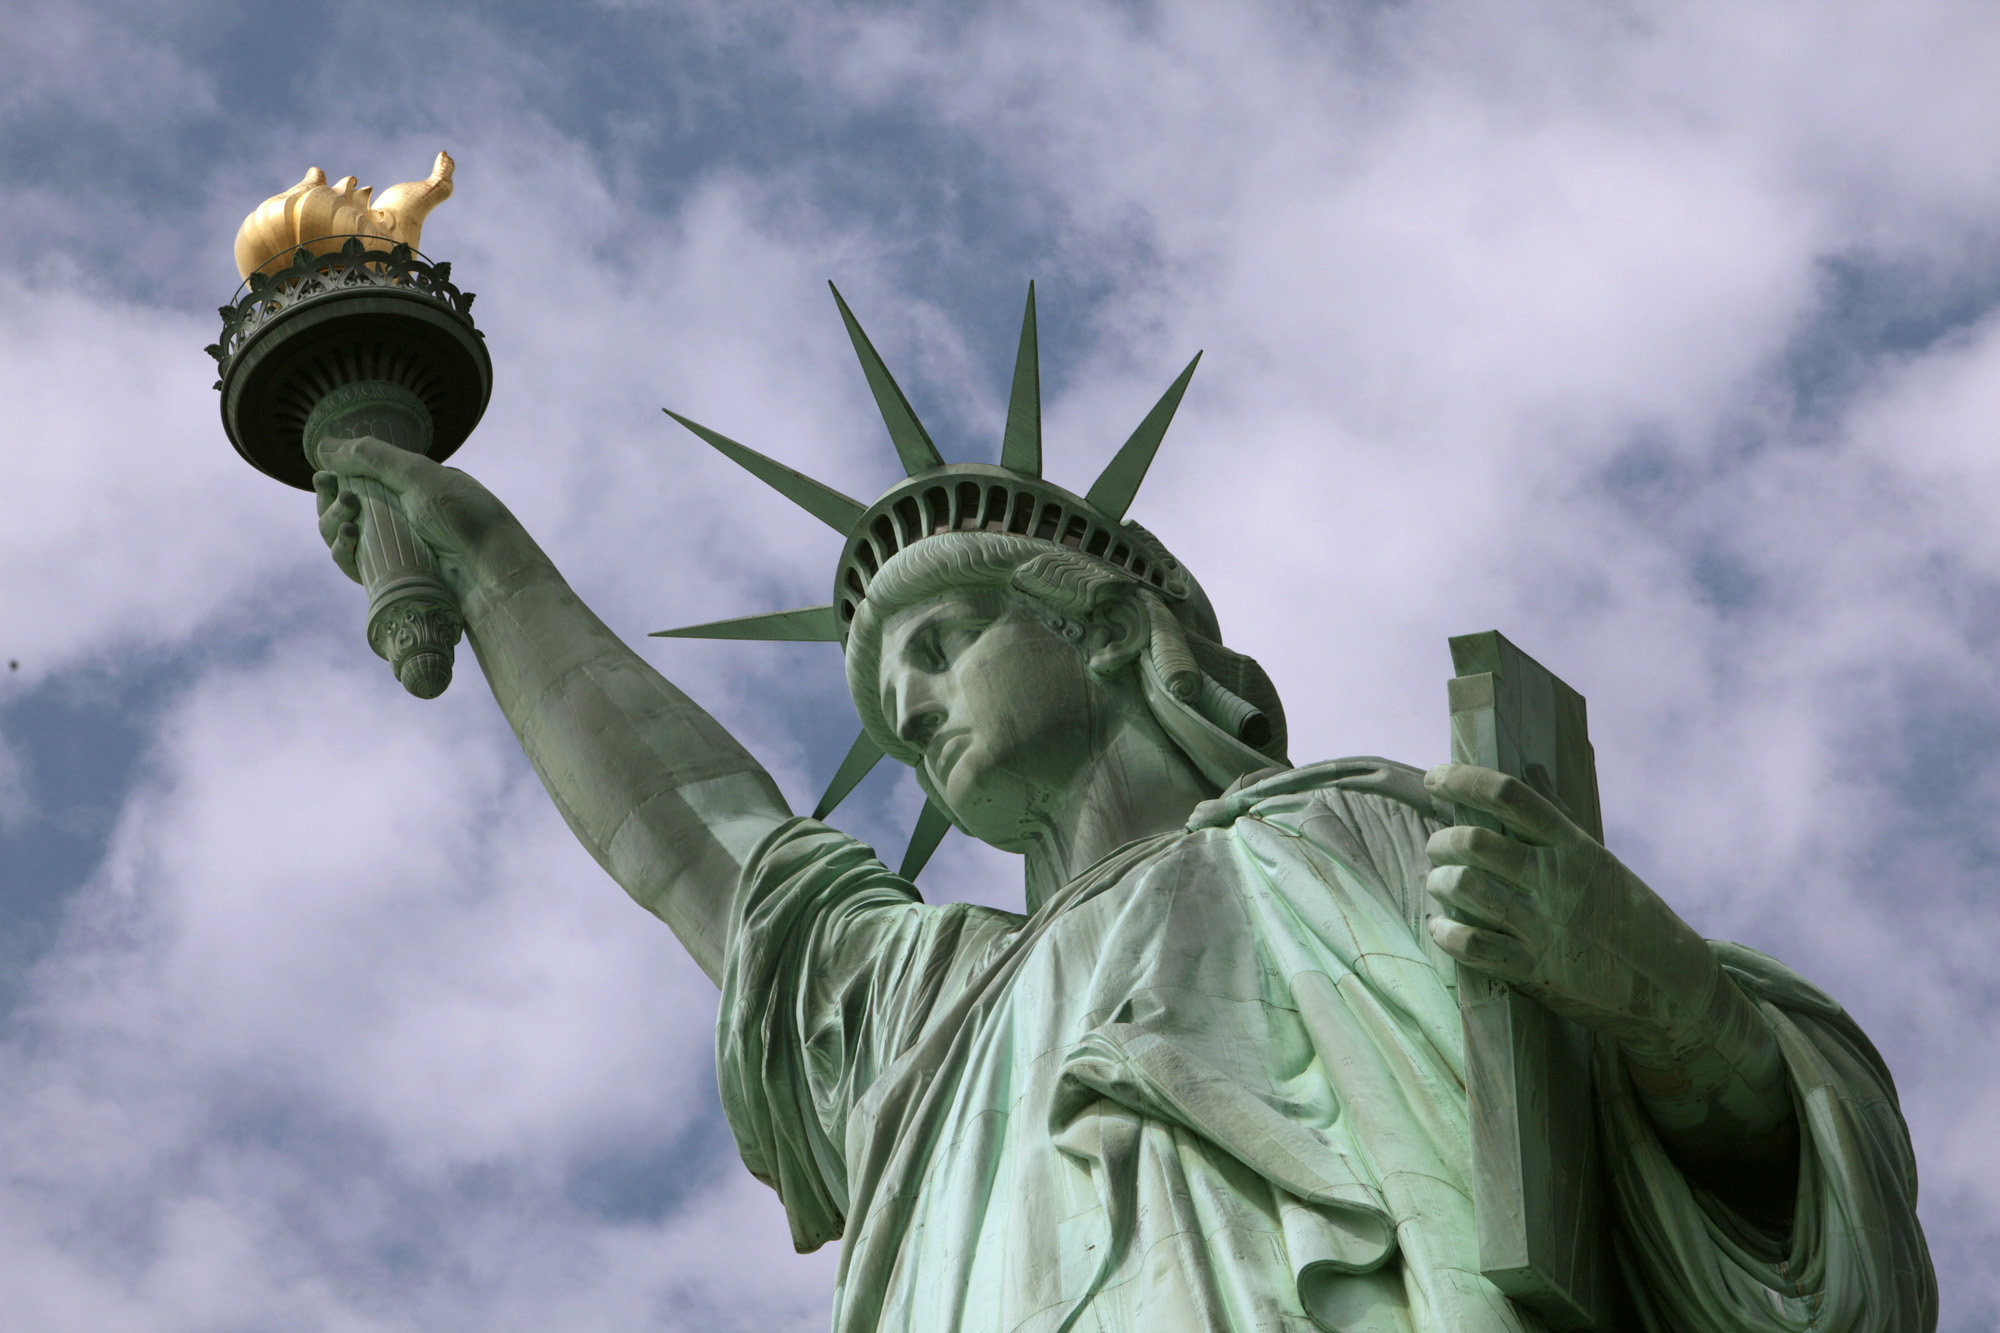 2009年6月,自由女神高舉著火炬,照耀世界。(美聯社)